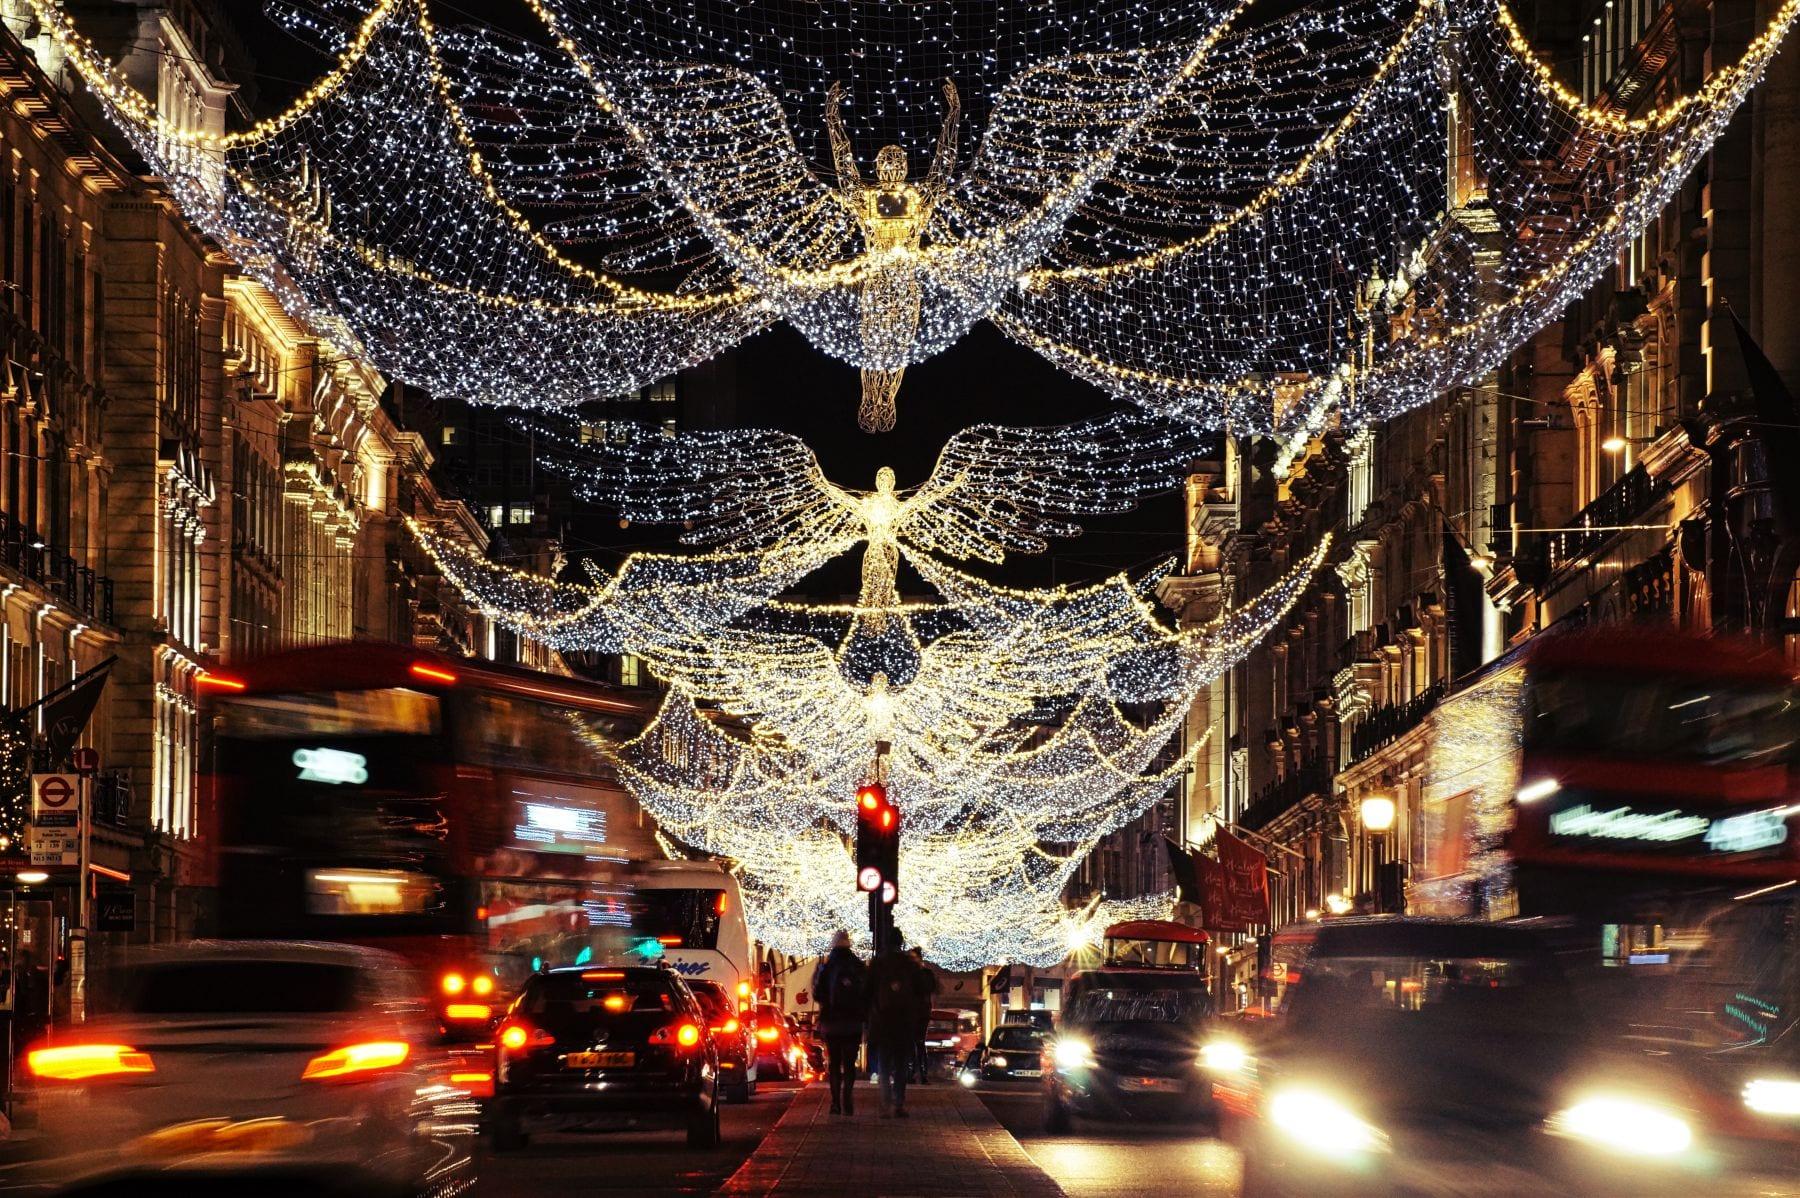 Ab Wann Macht Man Die Weihnachtsbeleuchtung An.Weihnachtsmärkte Und Weihnachtsbeleuchtung Londons Londonblogger